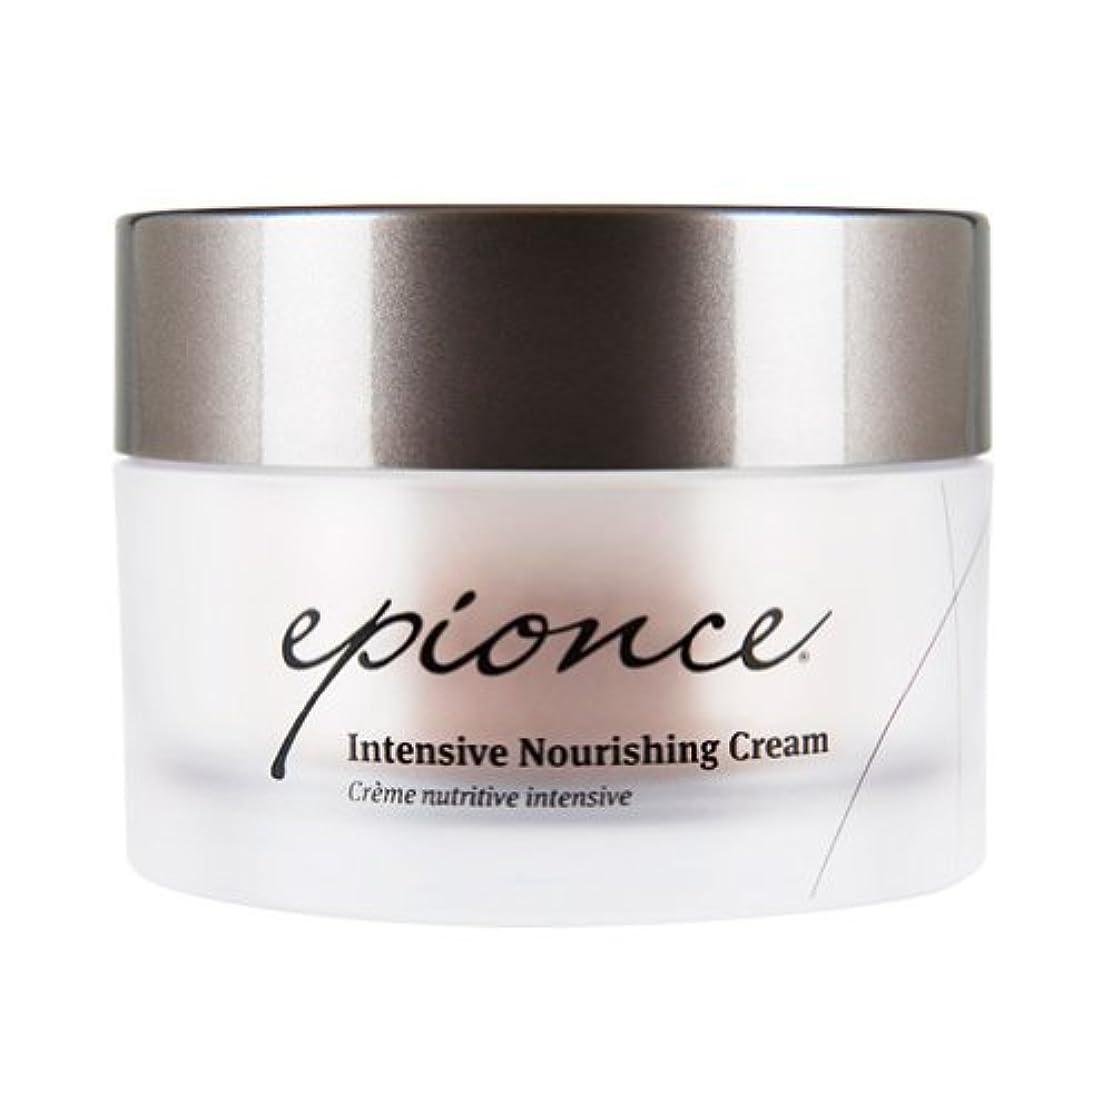 豊富激しい聞きますEpionce Intensive Nourishing Cream - For Extremely Dry/Photoaged Skin 50g/1.7oz並行輸入品